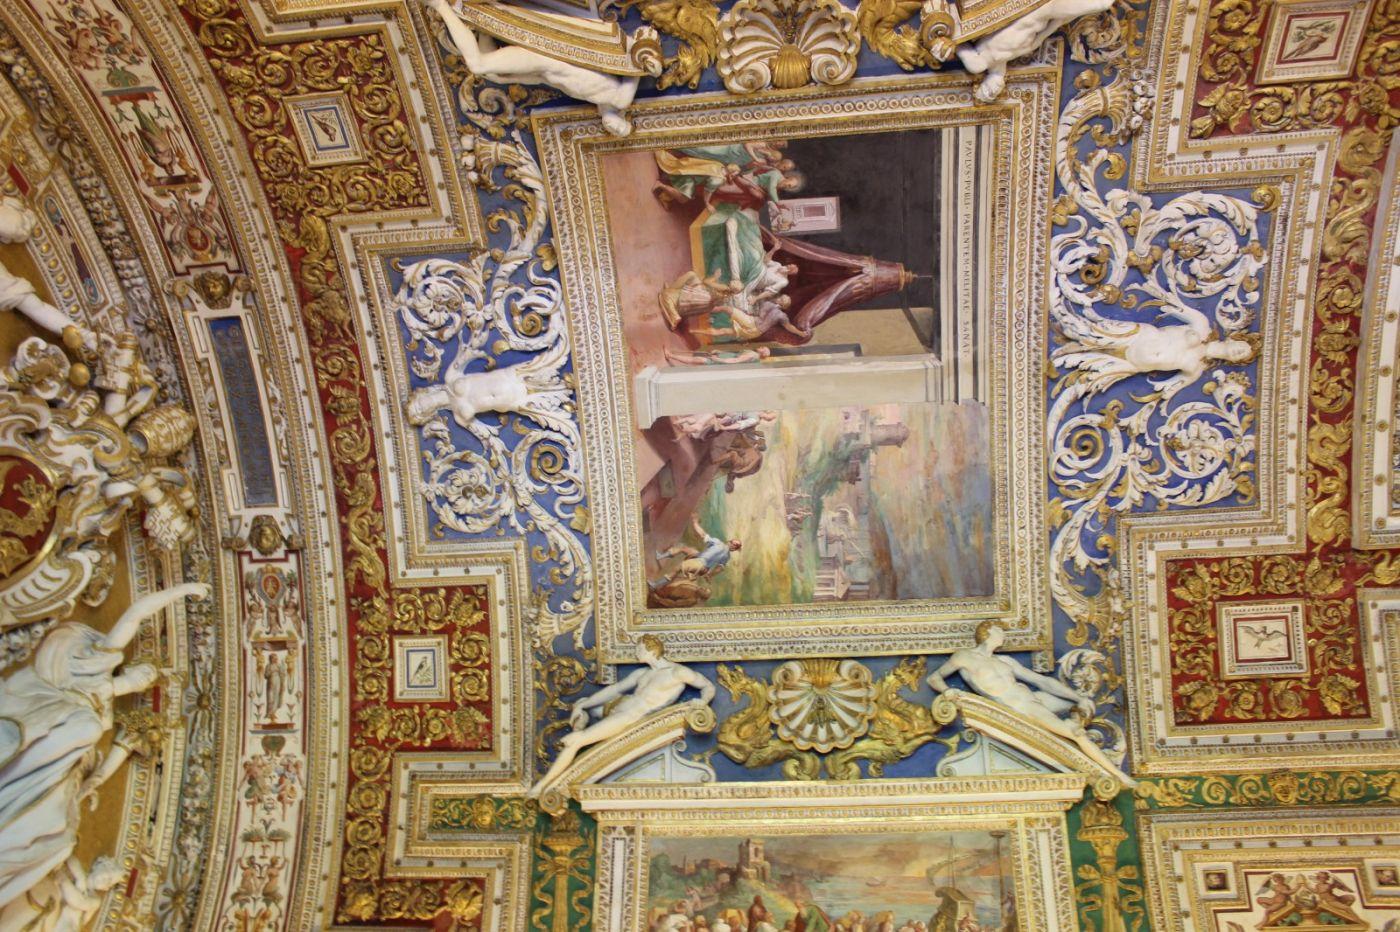 上帝之城:梵蒂冈印象_图1-18